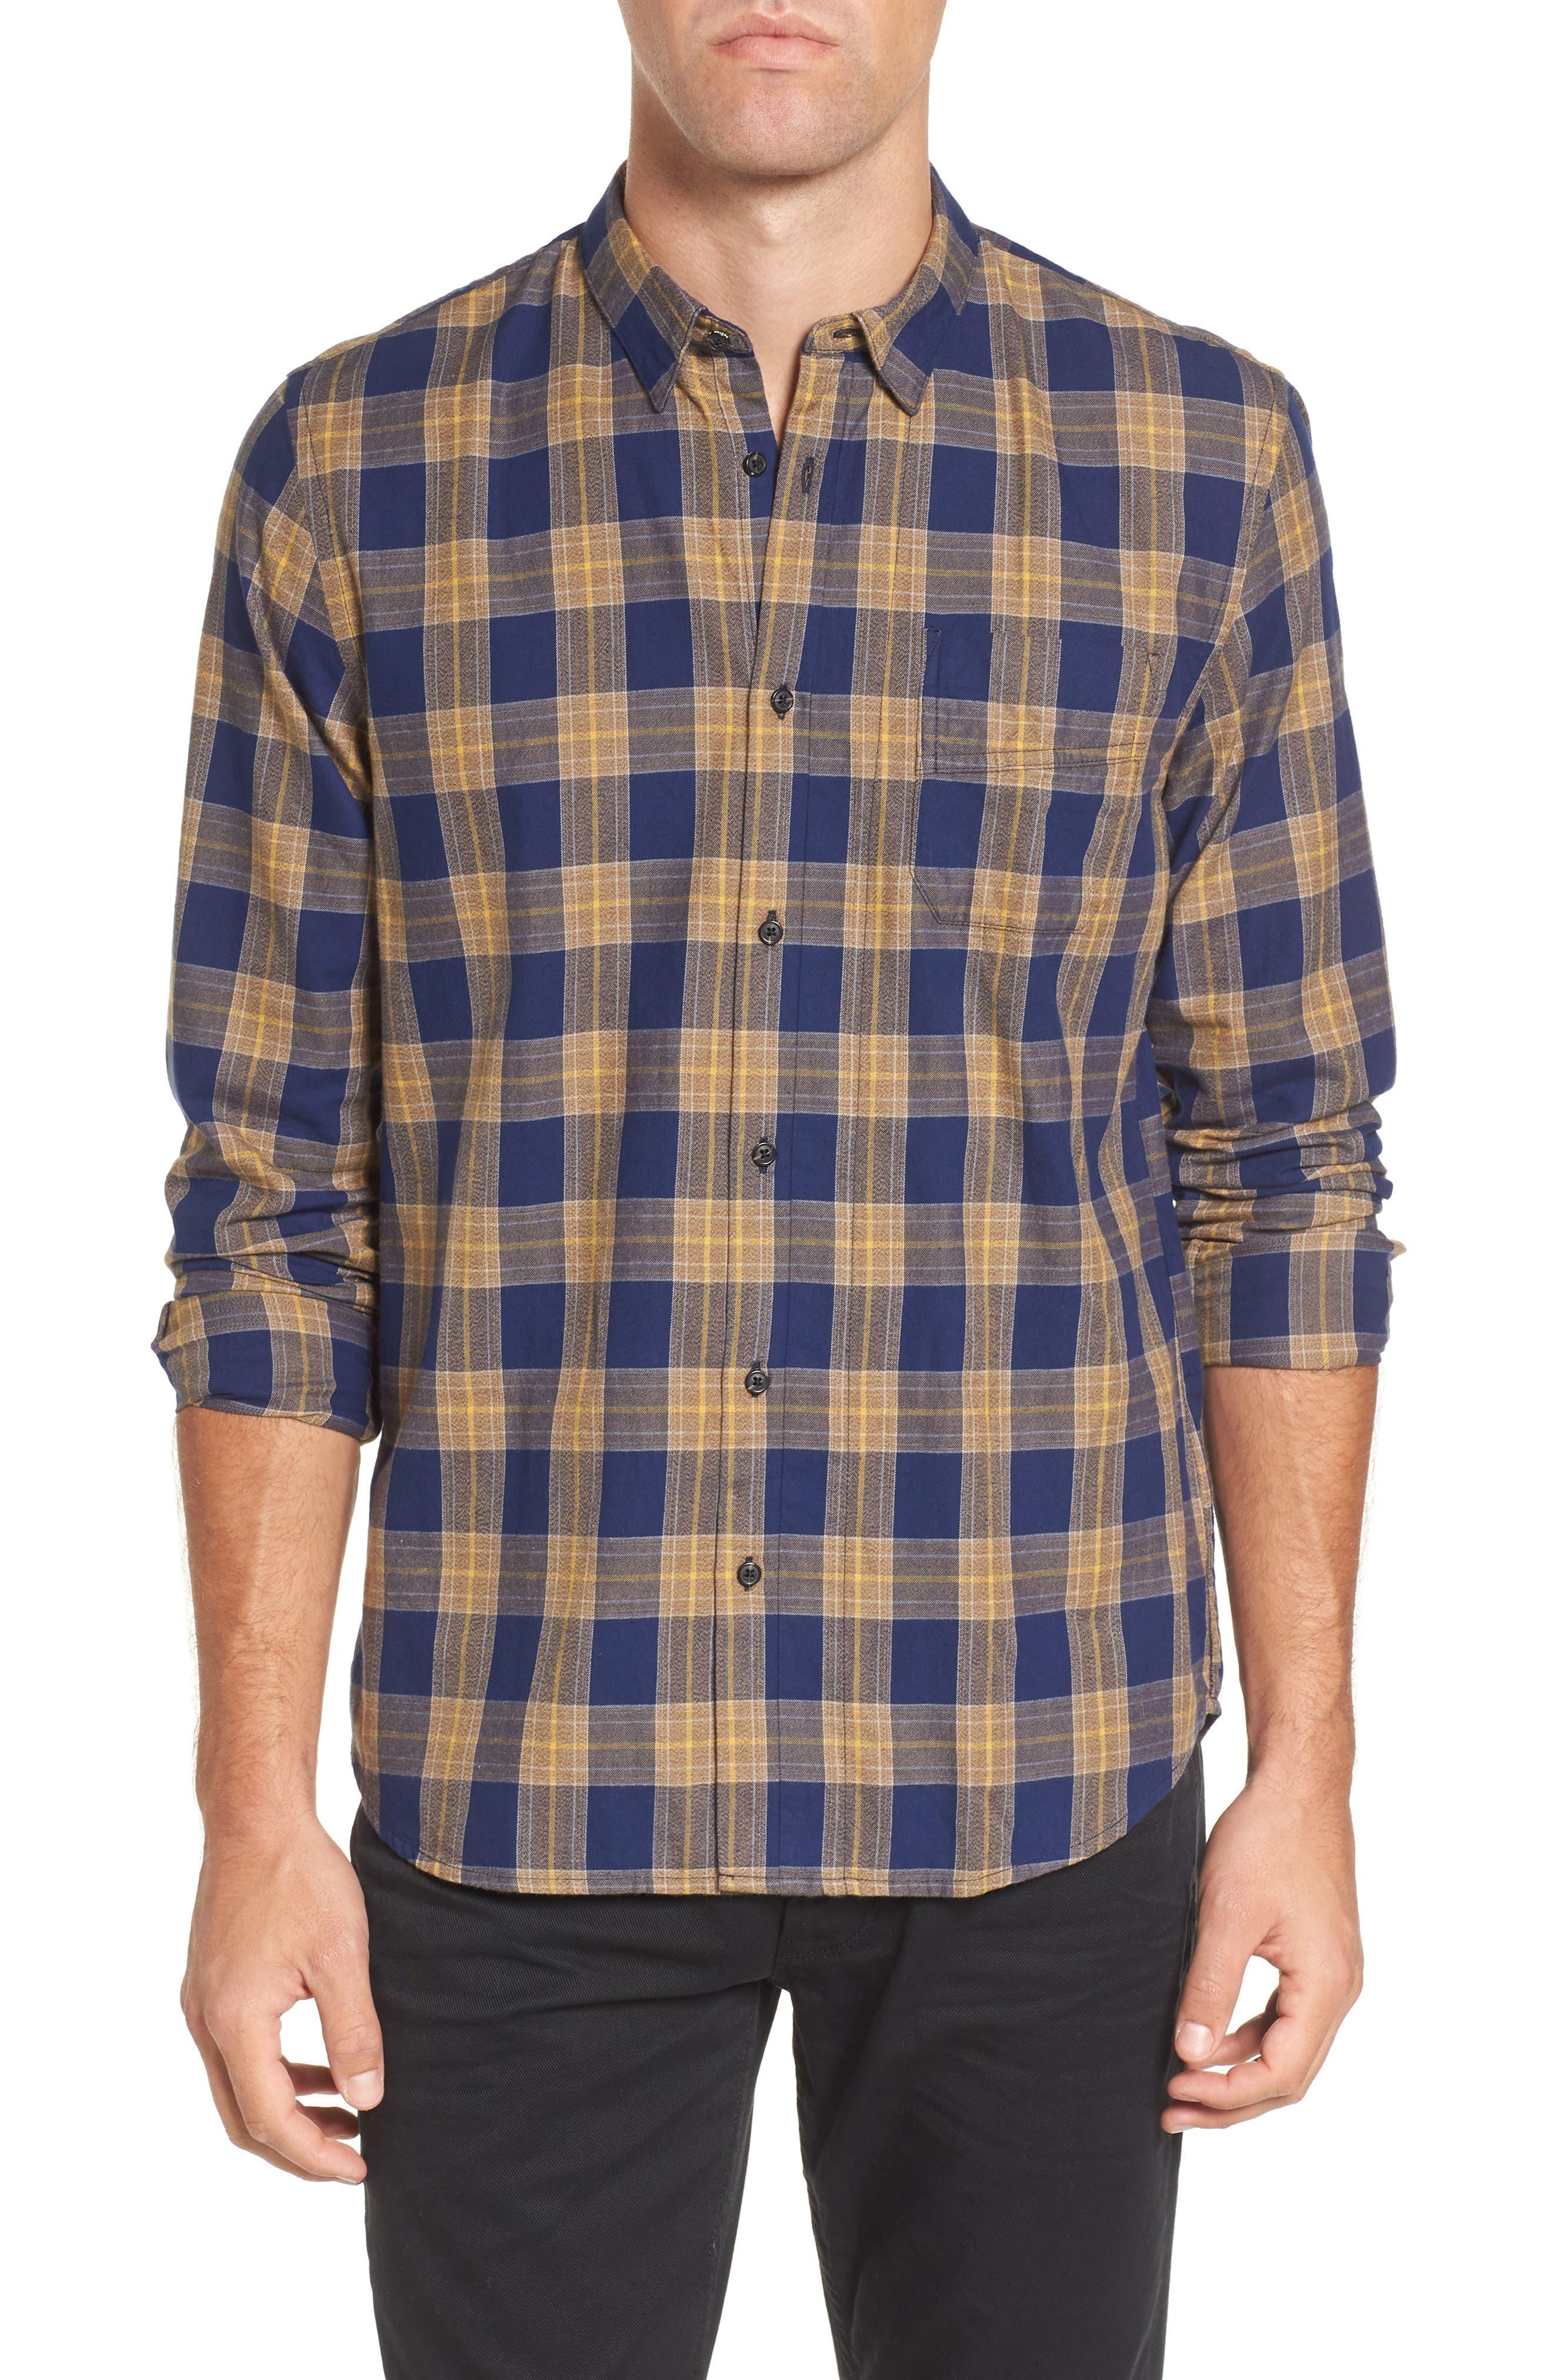 Scotch & Sode Brushed Cotton Shirt